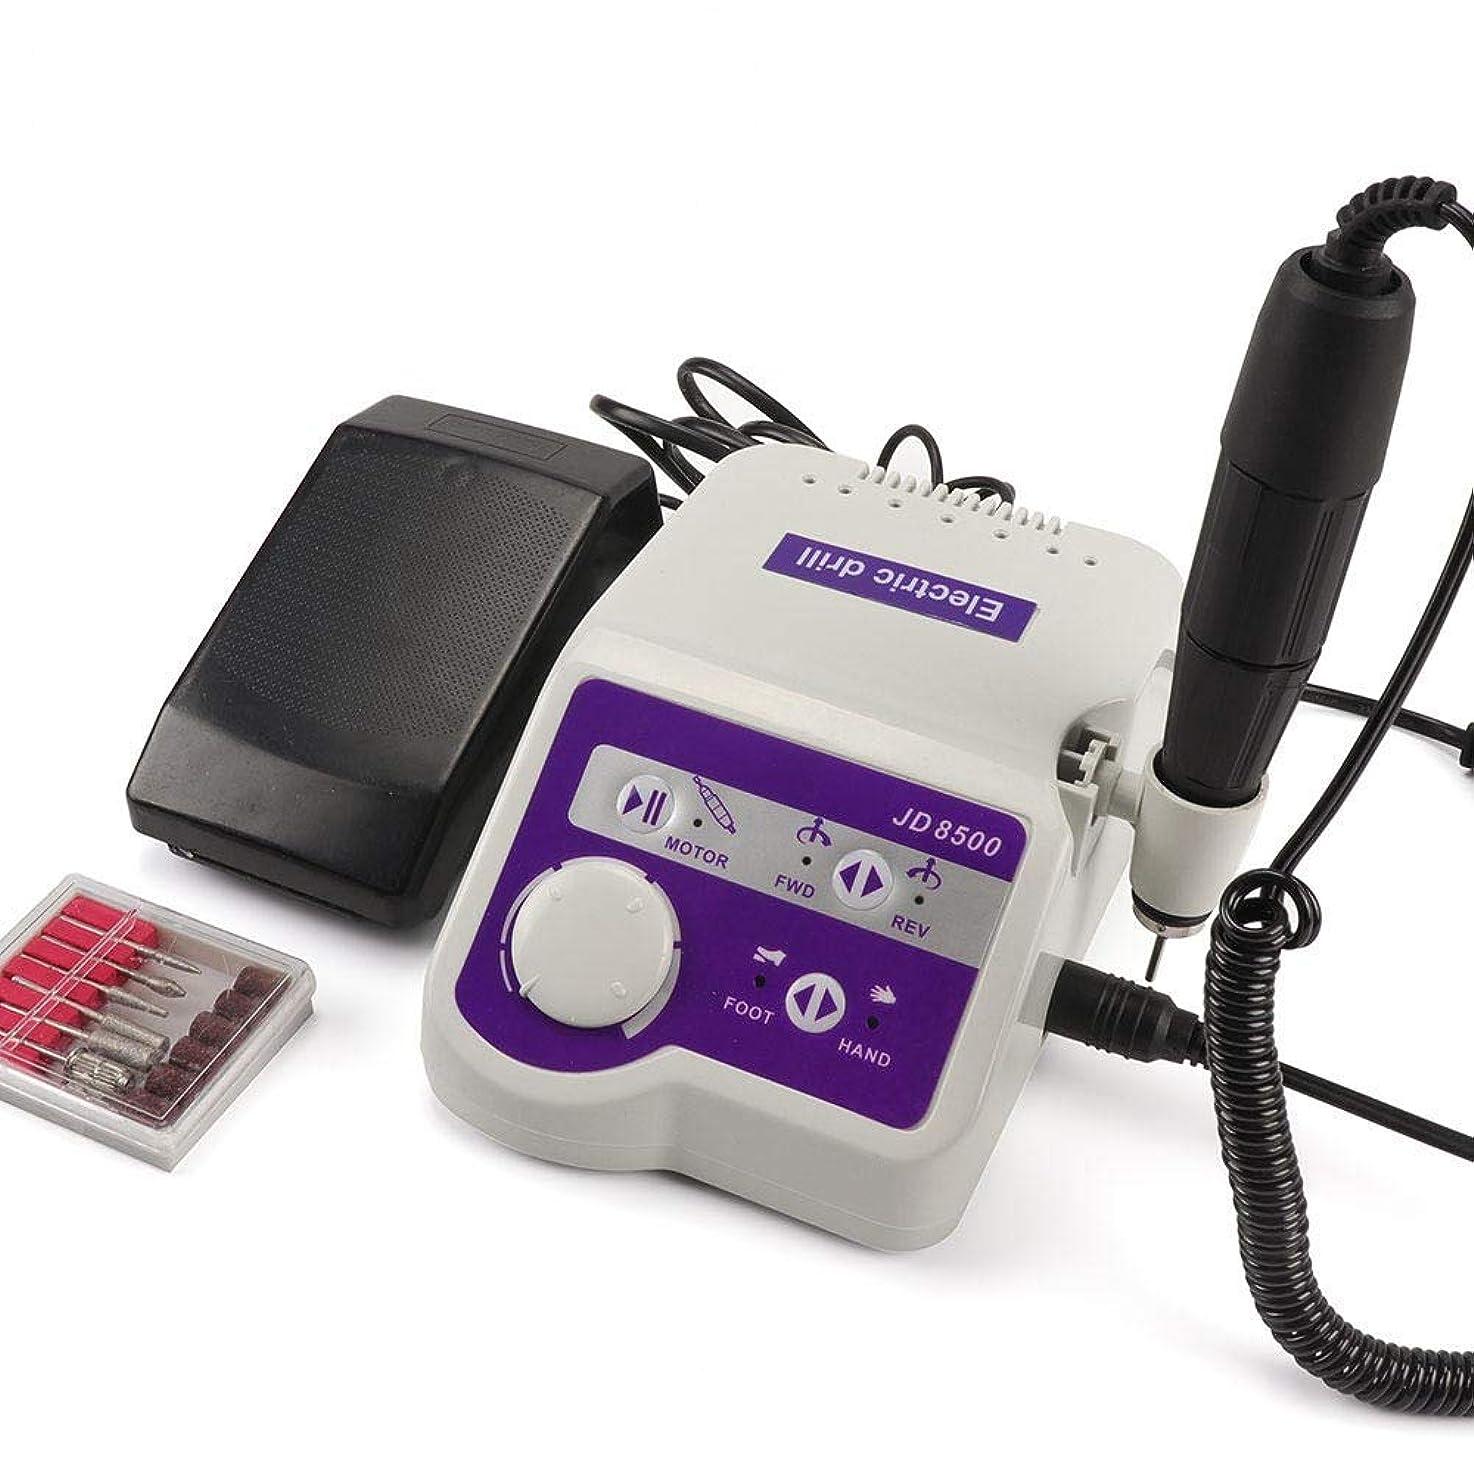 朝ごはん下位出来事65ワット35000 rpmプロフェッショナルJD8500電動ネイルドリル機35000 rpmマニキュアツールペディキュアポリッシャーネイルアート機器